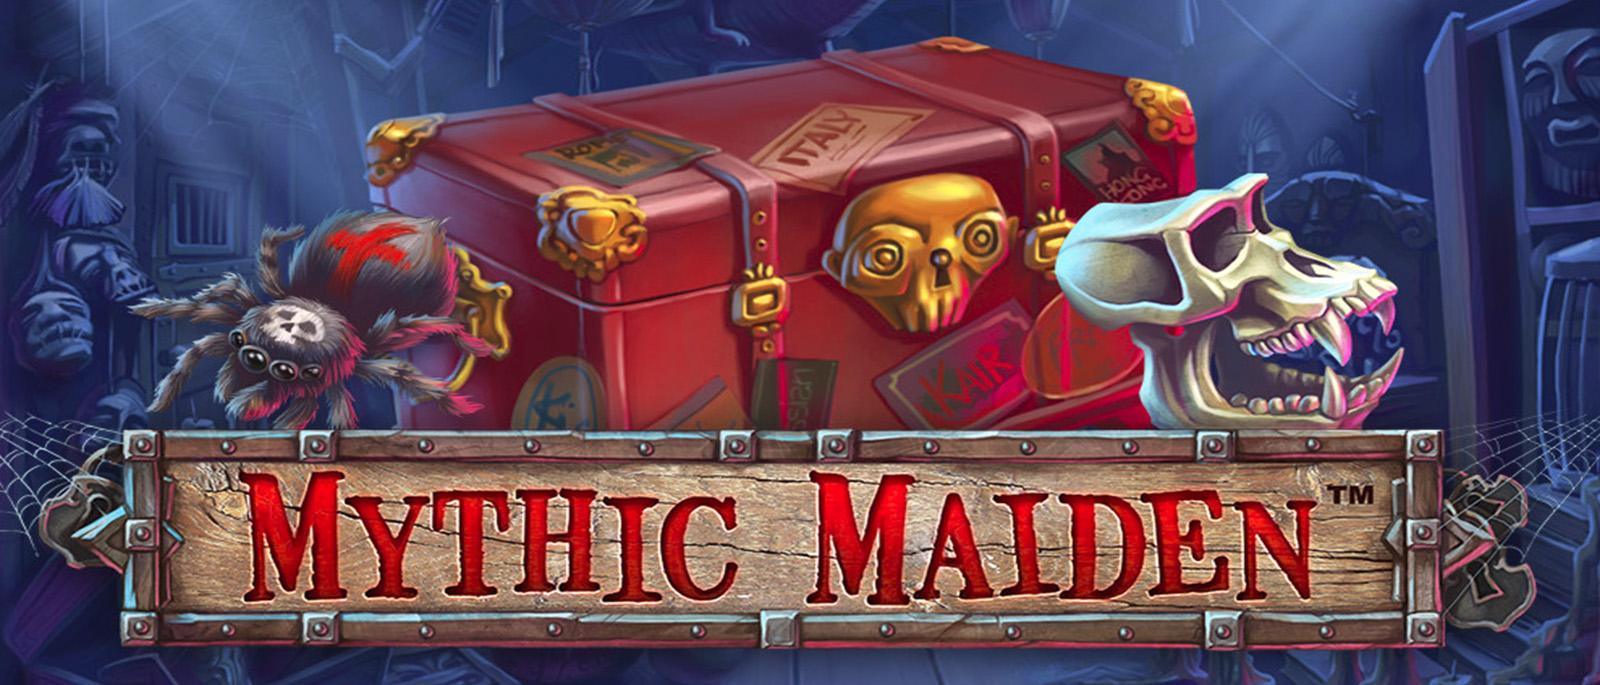 Spiele den Mythic Maiden Slot bei Casumo.com